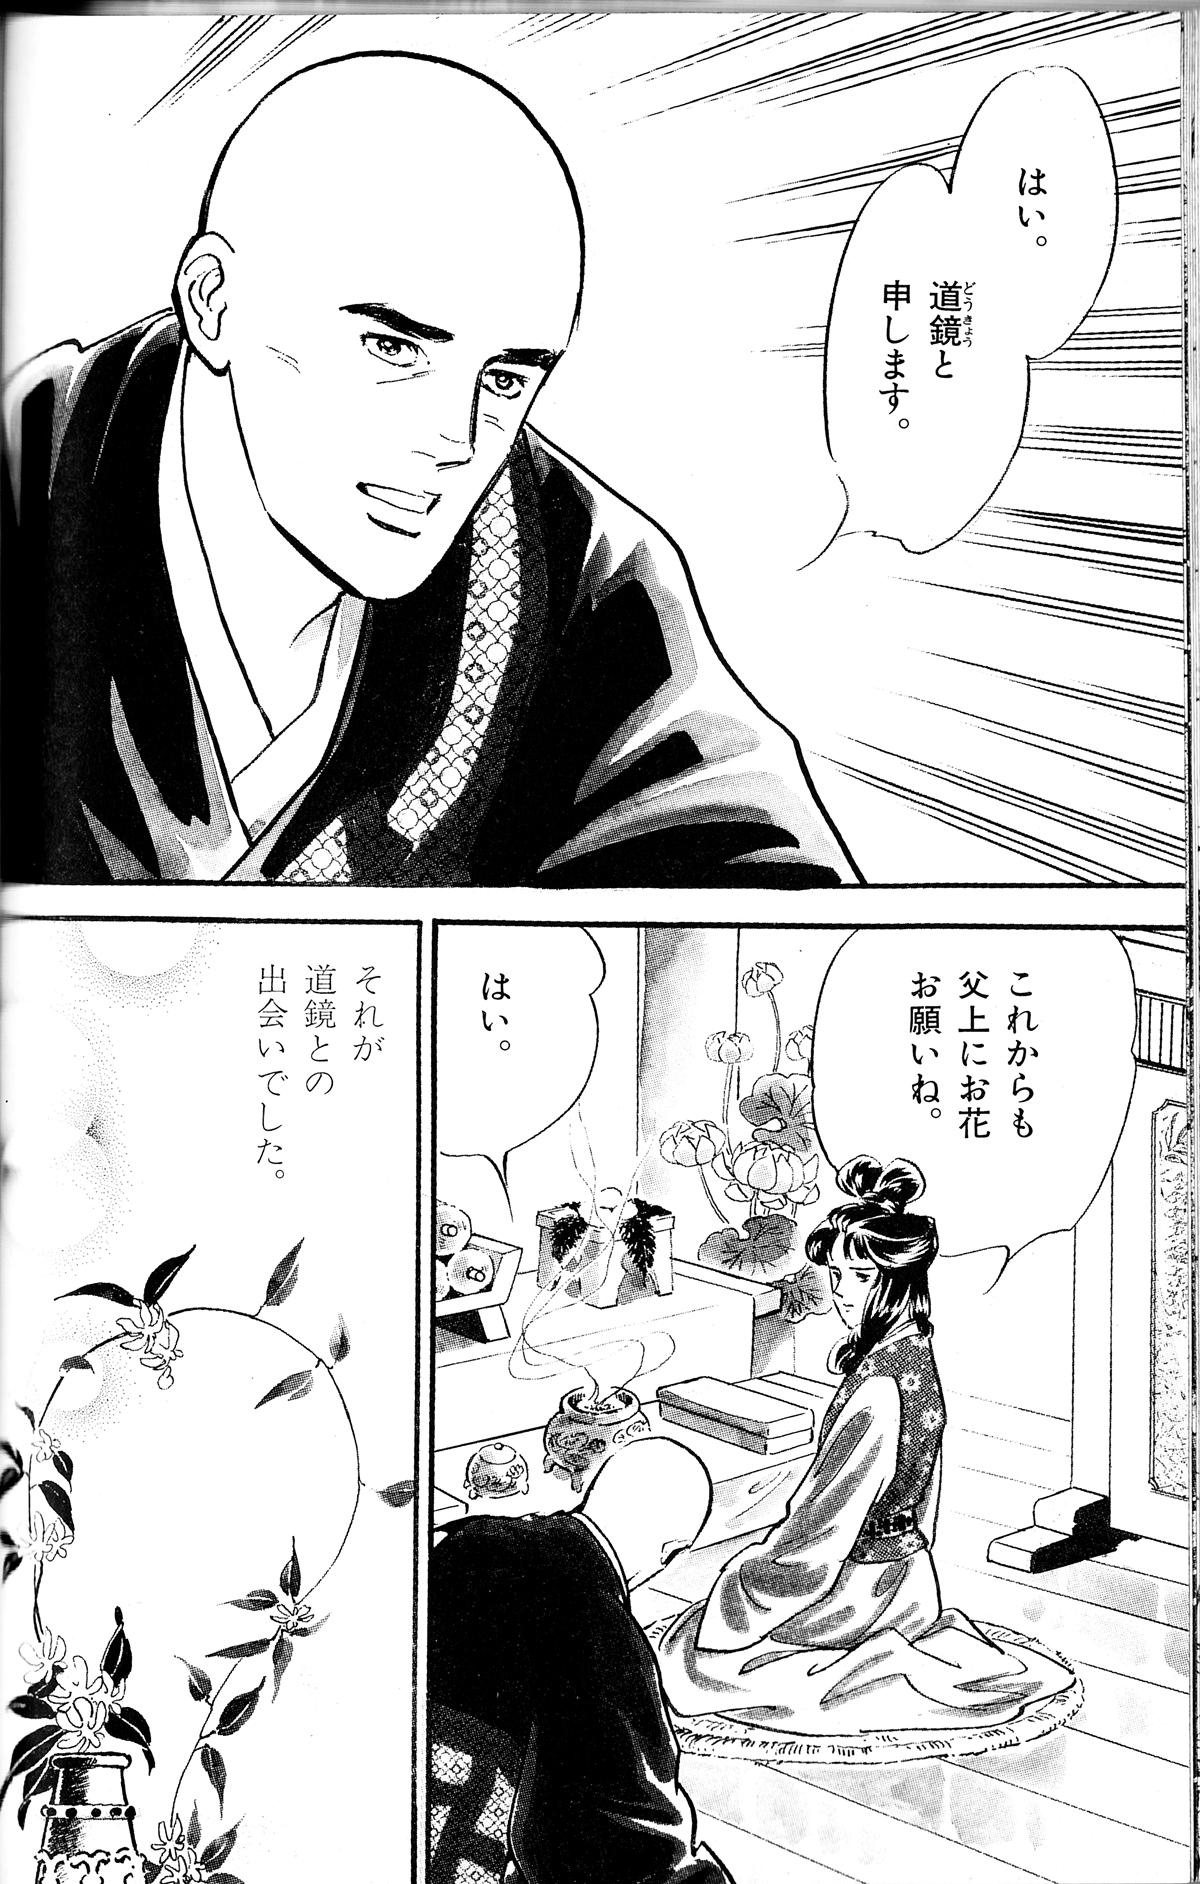 Jotei-no-shuki-Dokyo1.jpg